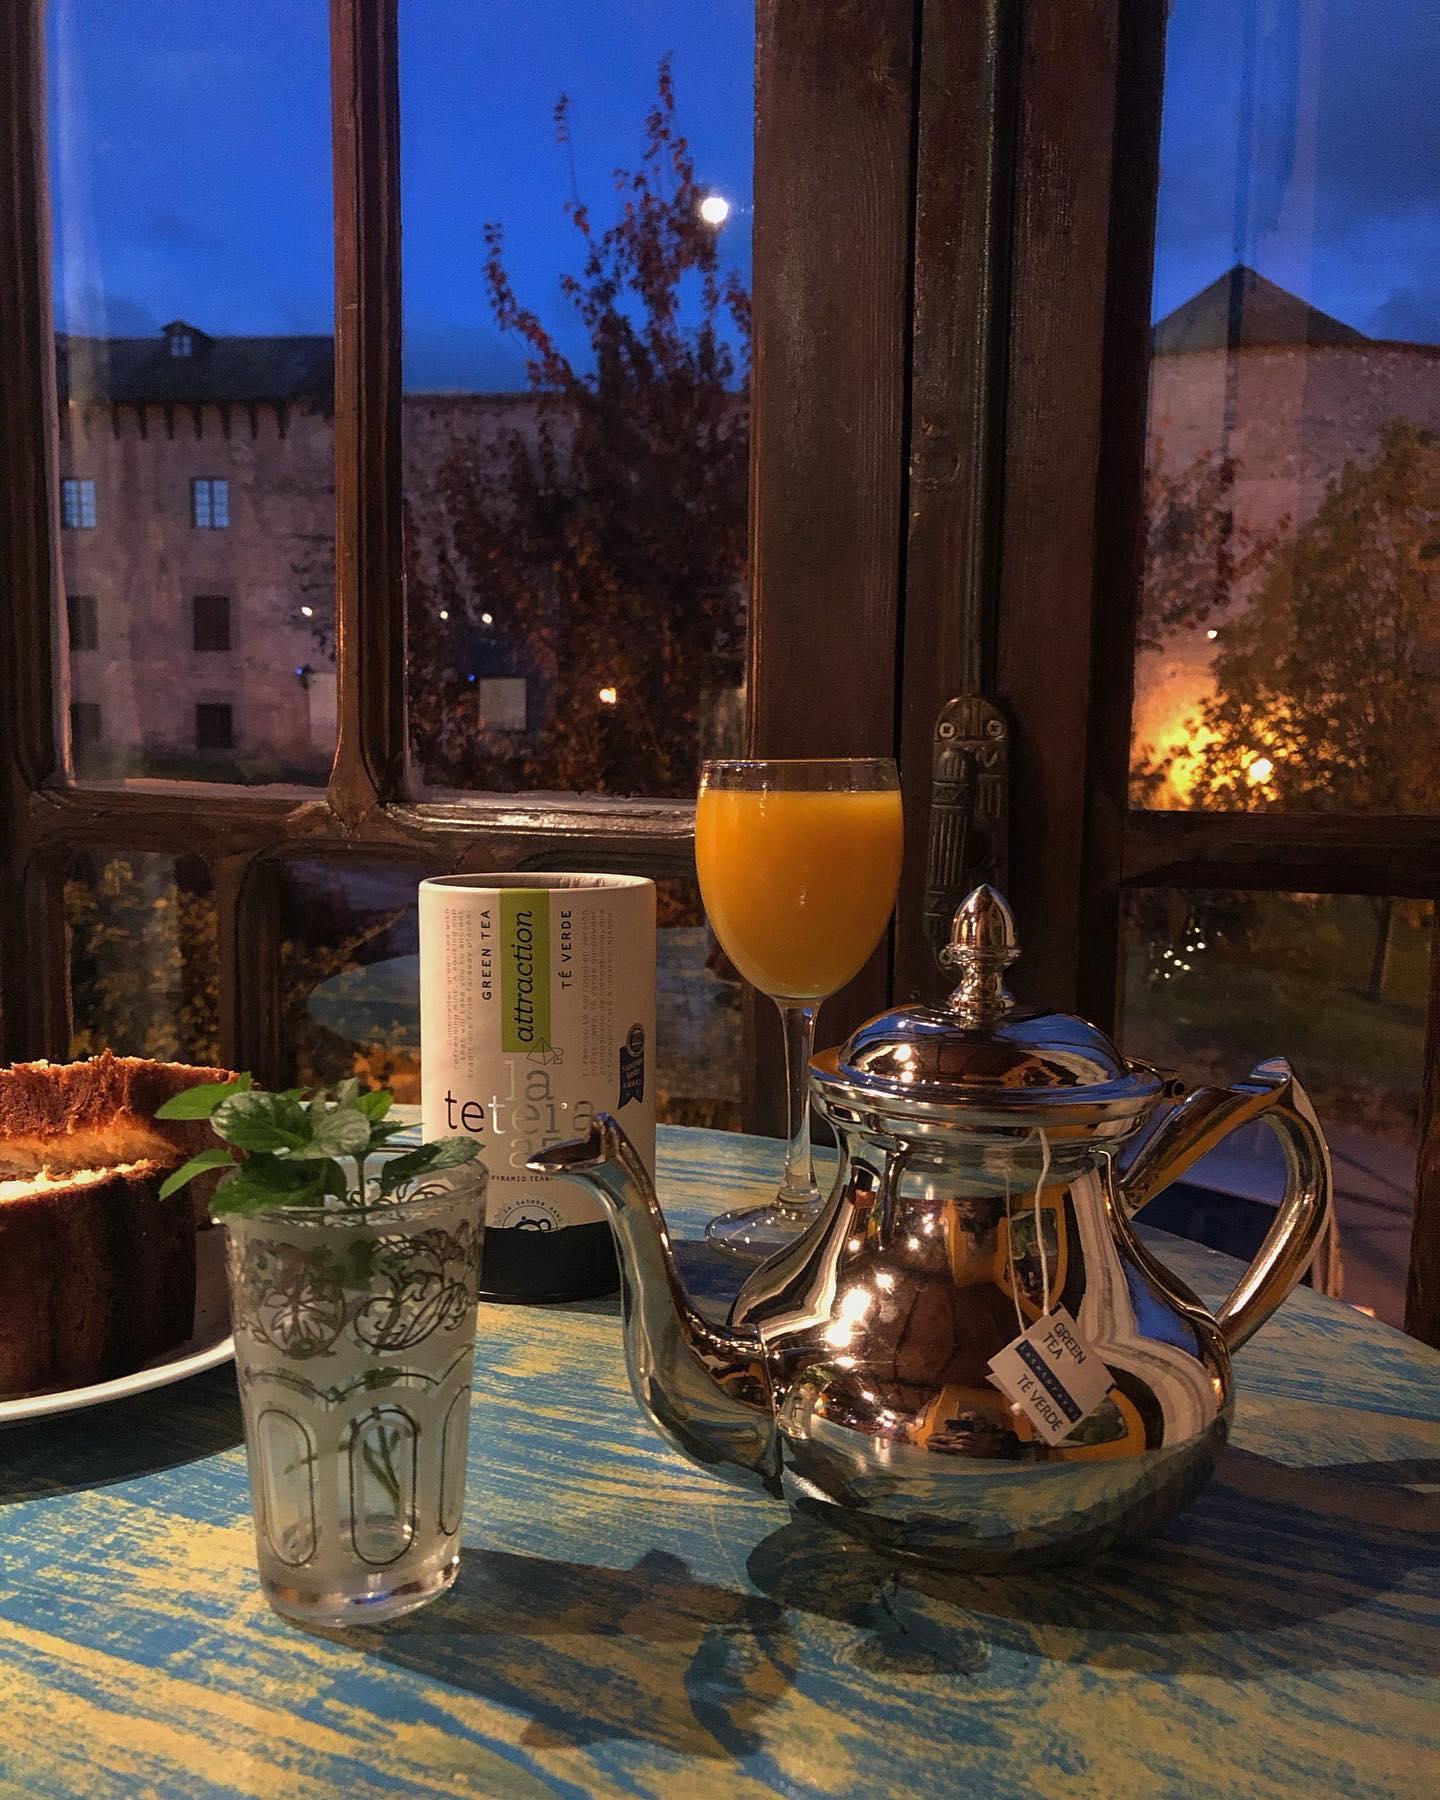 Reseña Gastronómica Restaurante la Puerta del Perdón en Villafranca del Bierzo. 7